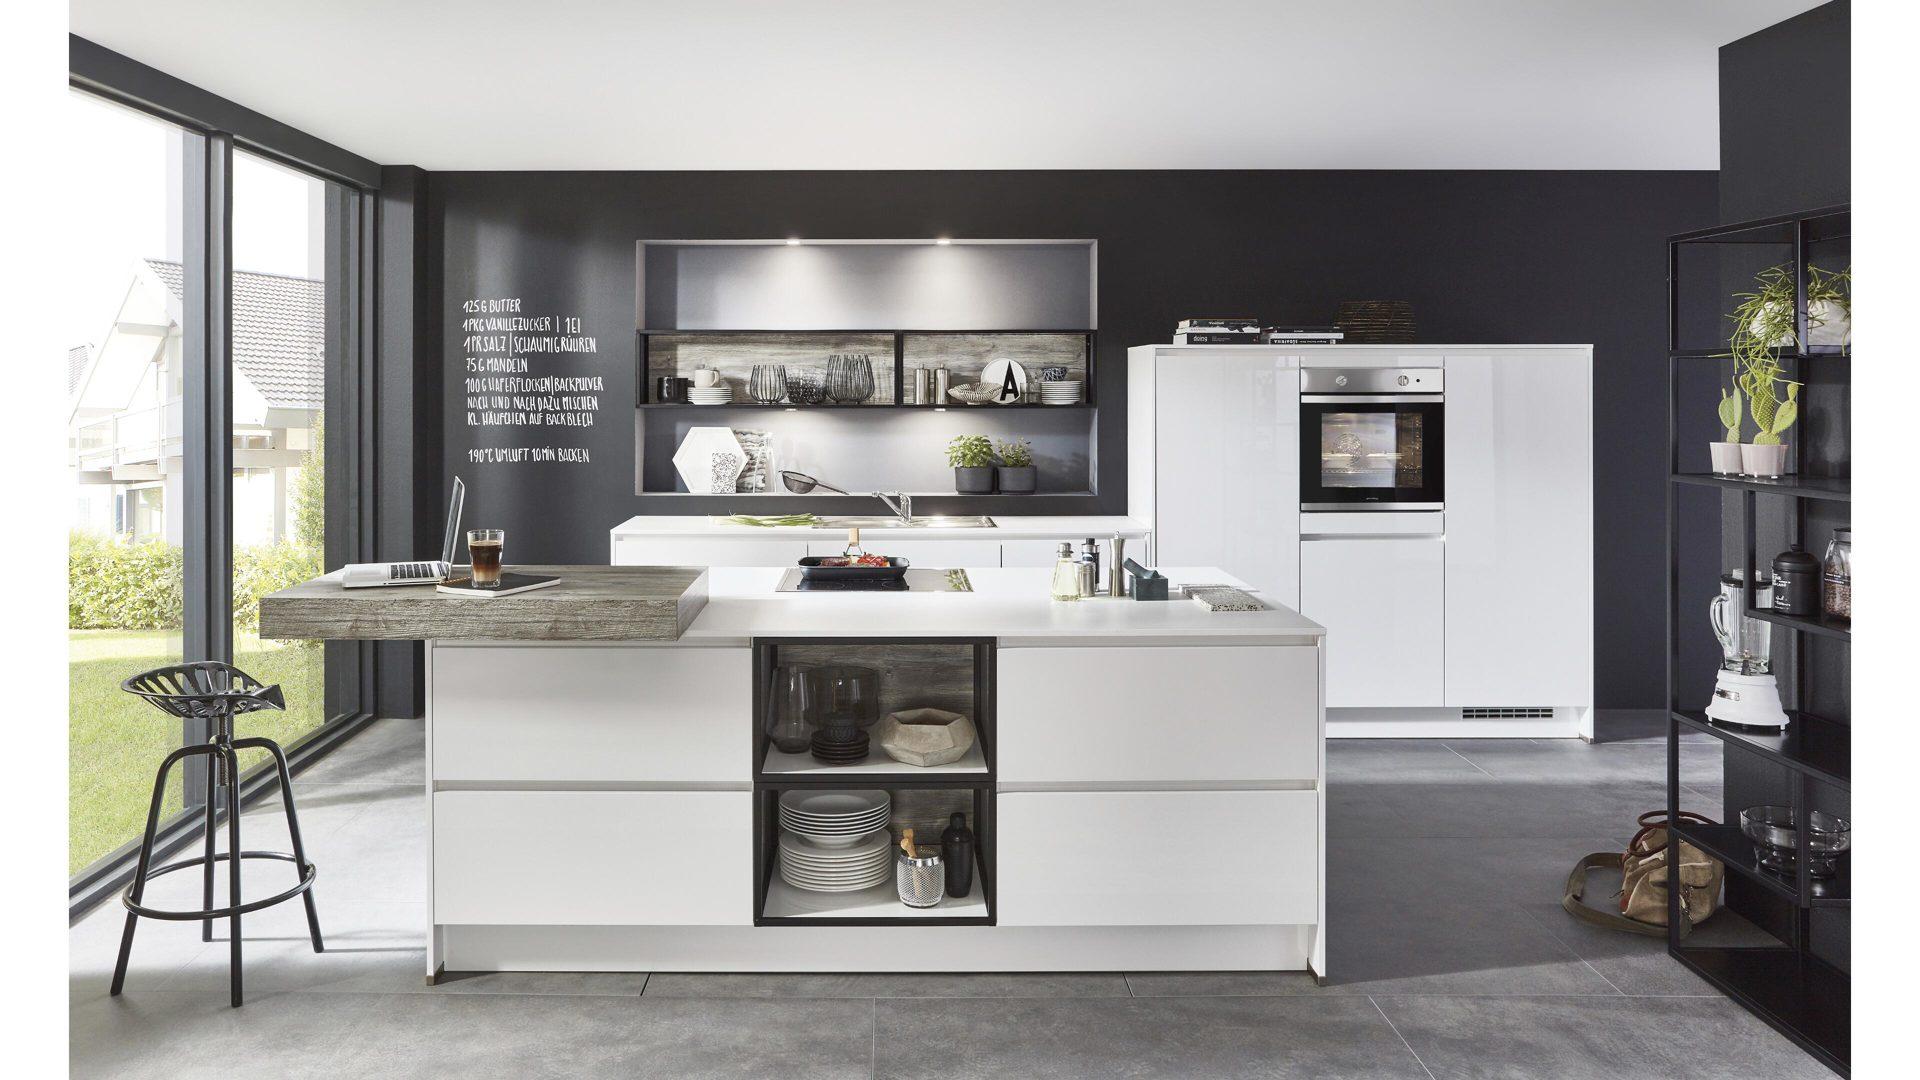 Möbelhaus Franz OHG, Räume, Küche, ALLES Küche, Einbauküche ...